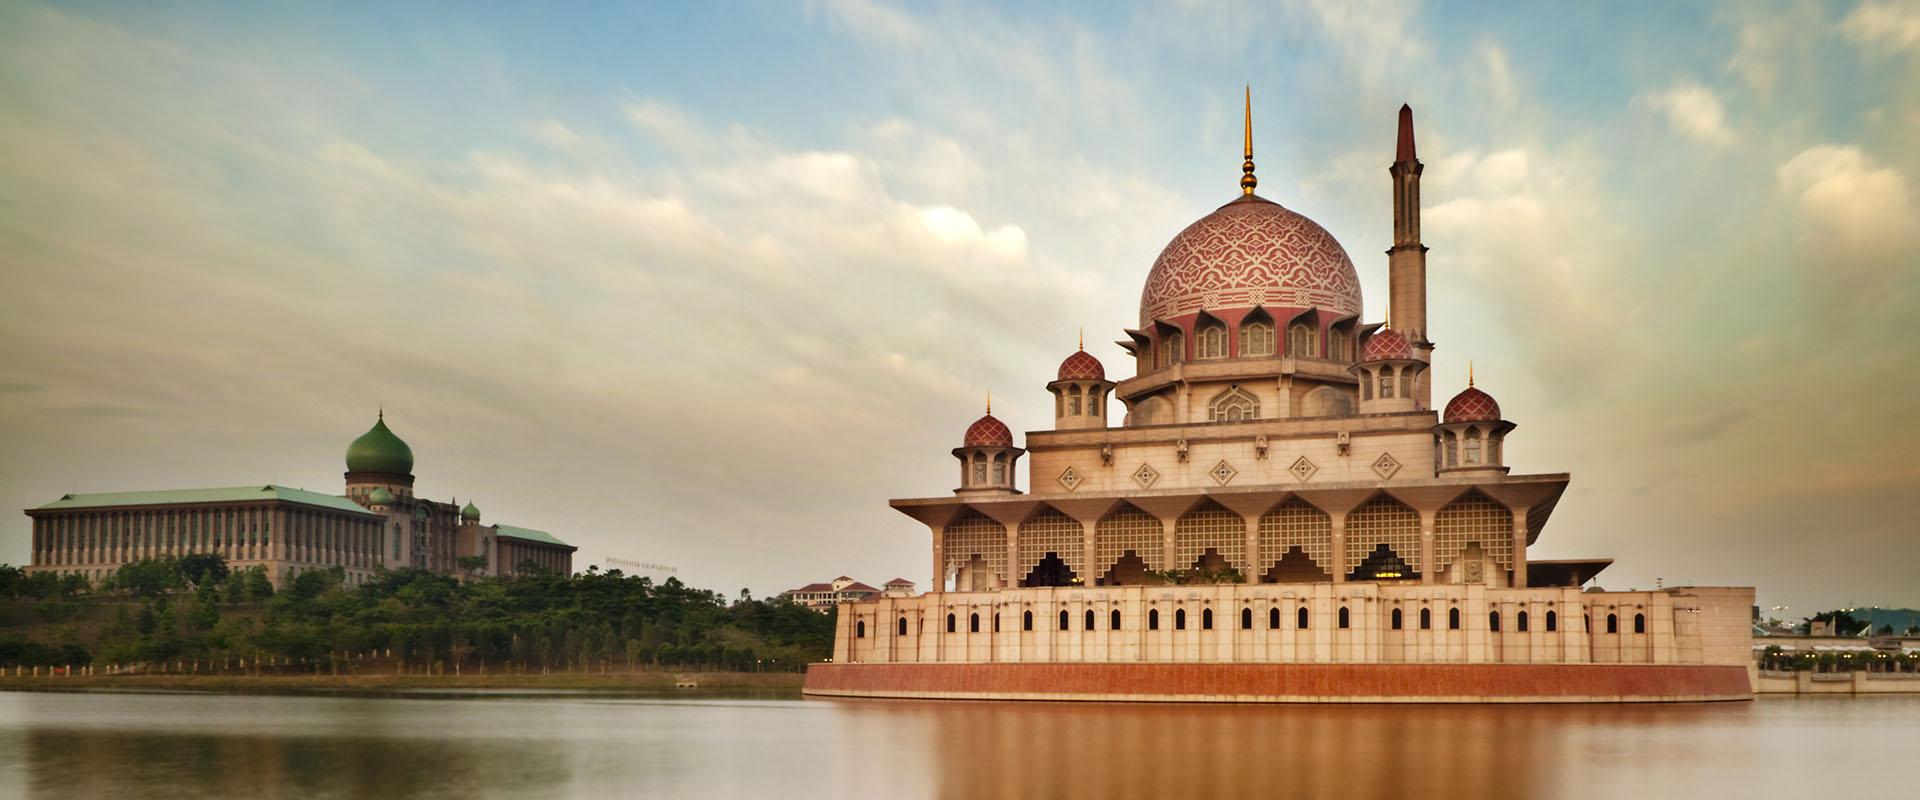 Hari Raya Haji 2020 and 2021 - PublicHolidays com my